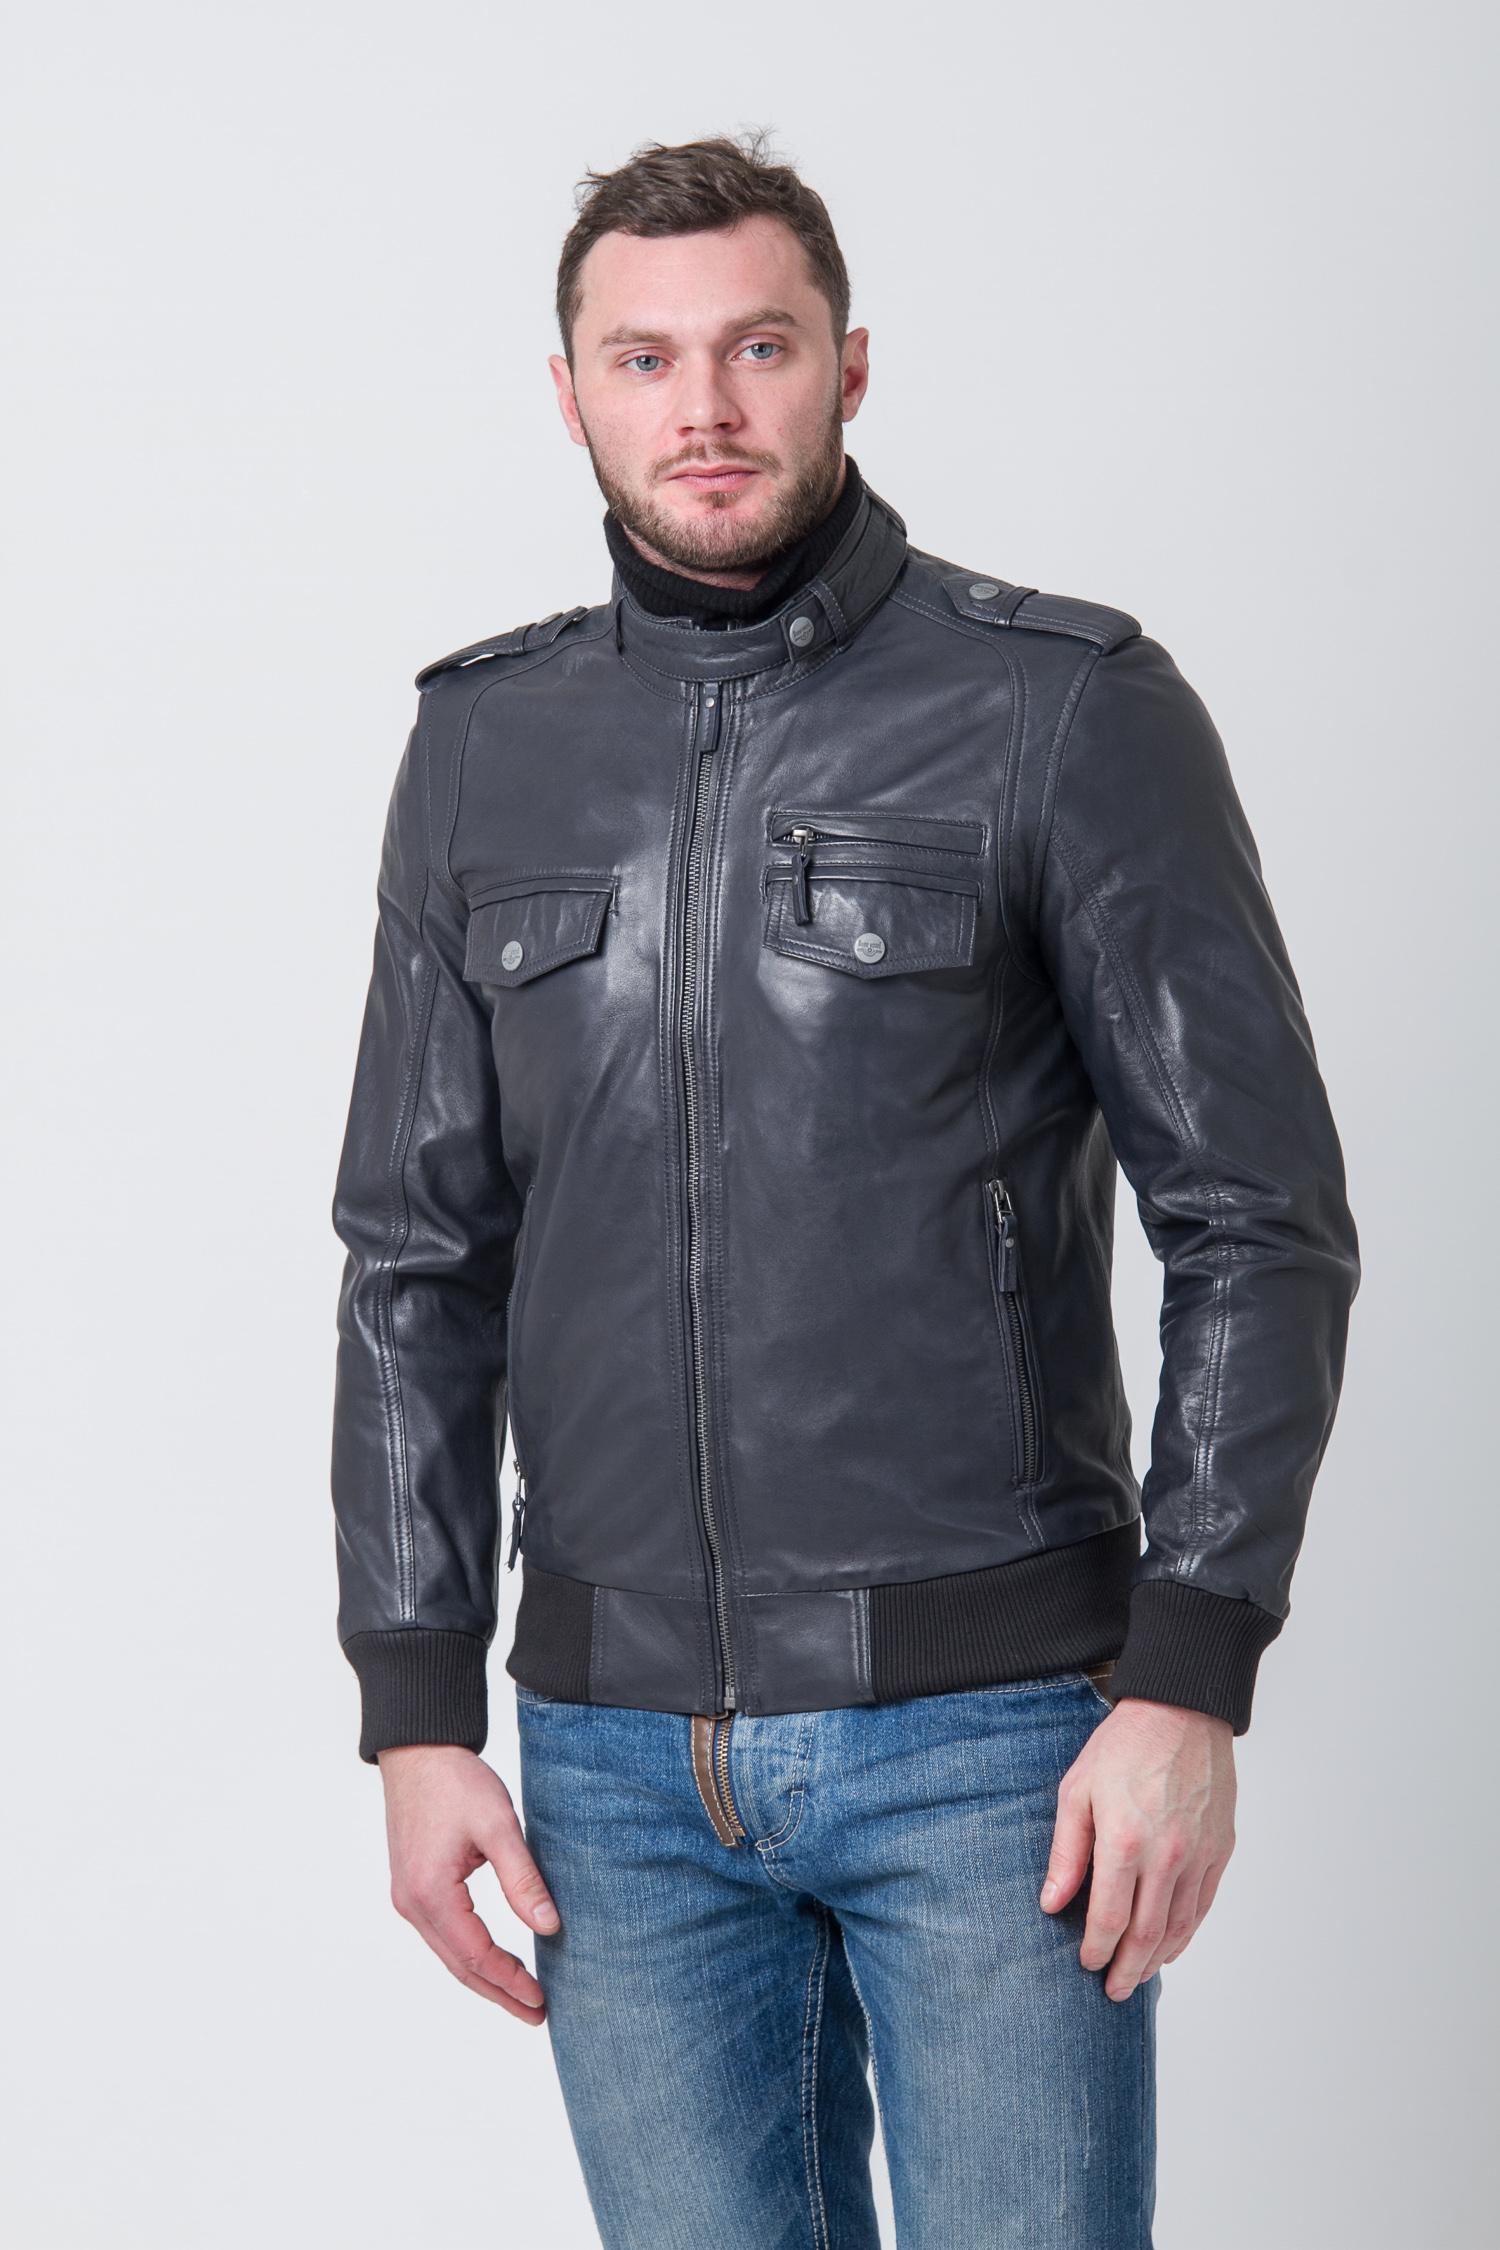 Мужская кожаная куртка с воротником, без отделки<br><br>Воротник: стойка<br>Длина см: Короткая (51-74 )<br>Материал: Кожа овчина<br>Цвет: синий<br>Застежка: на молнии<br>Пол: Мужской<br>Размер RU: 58